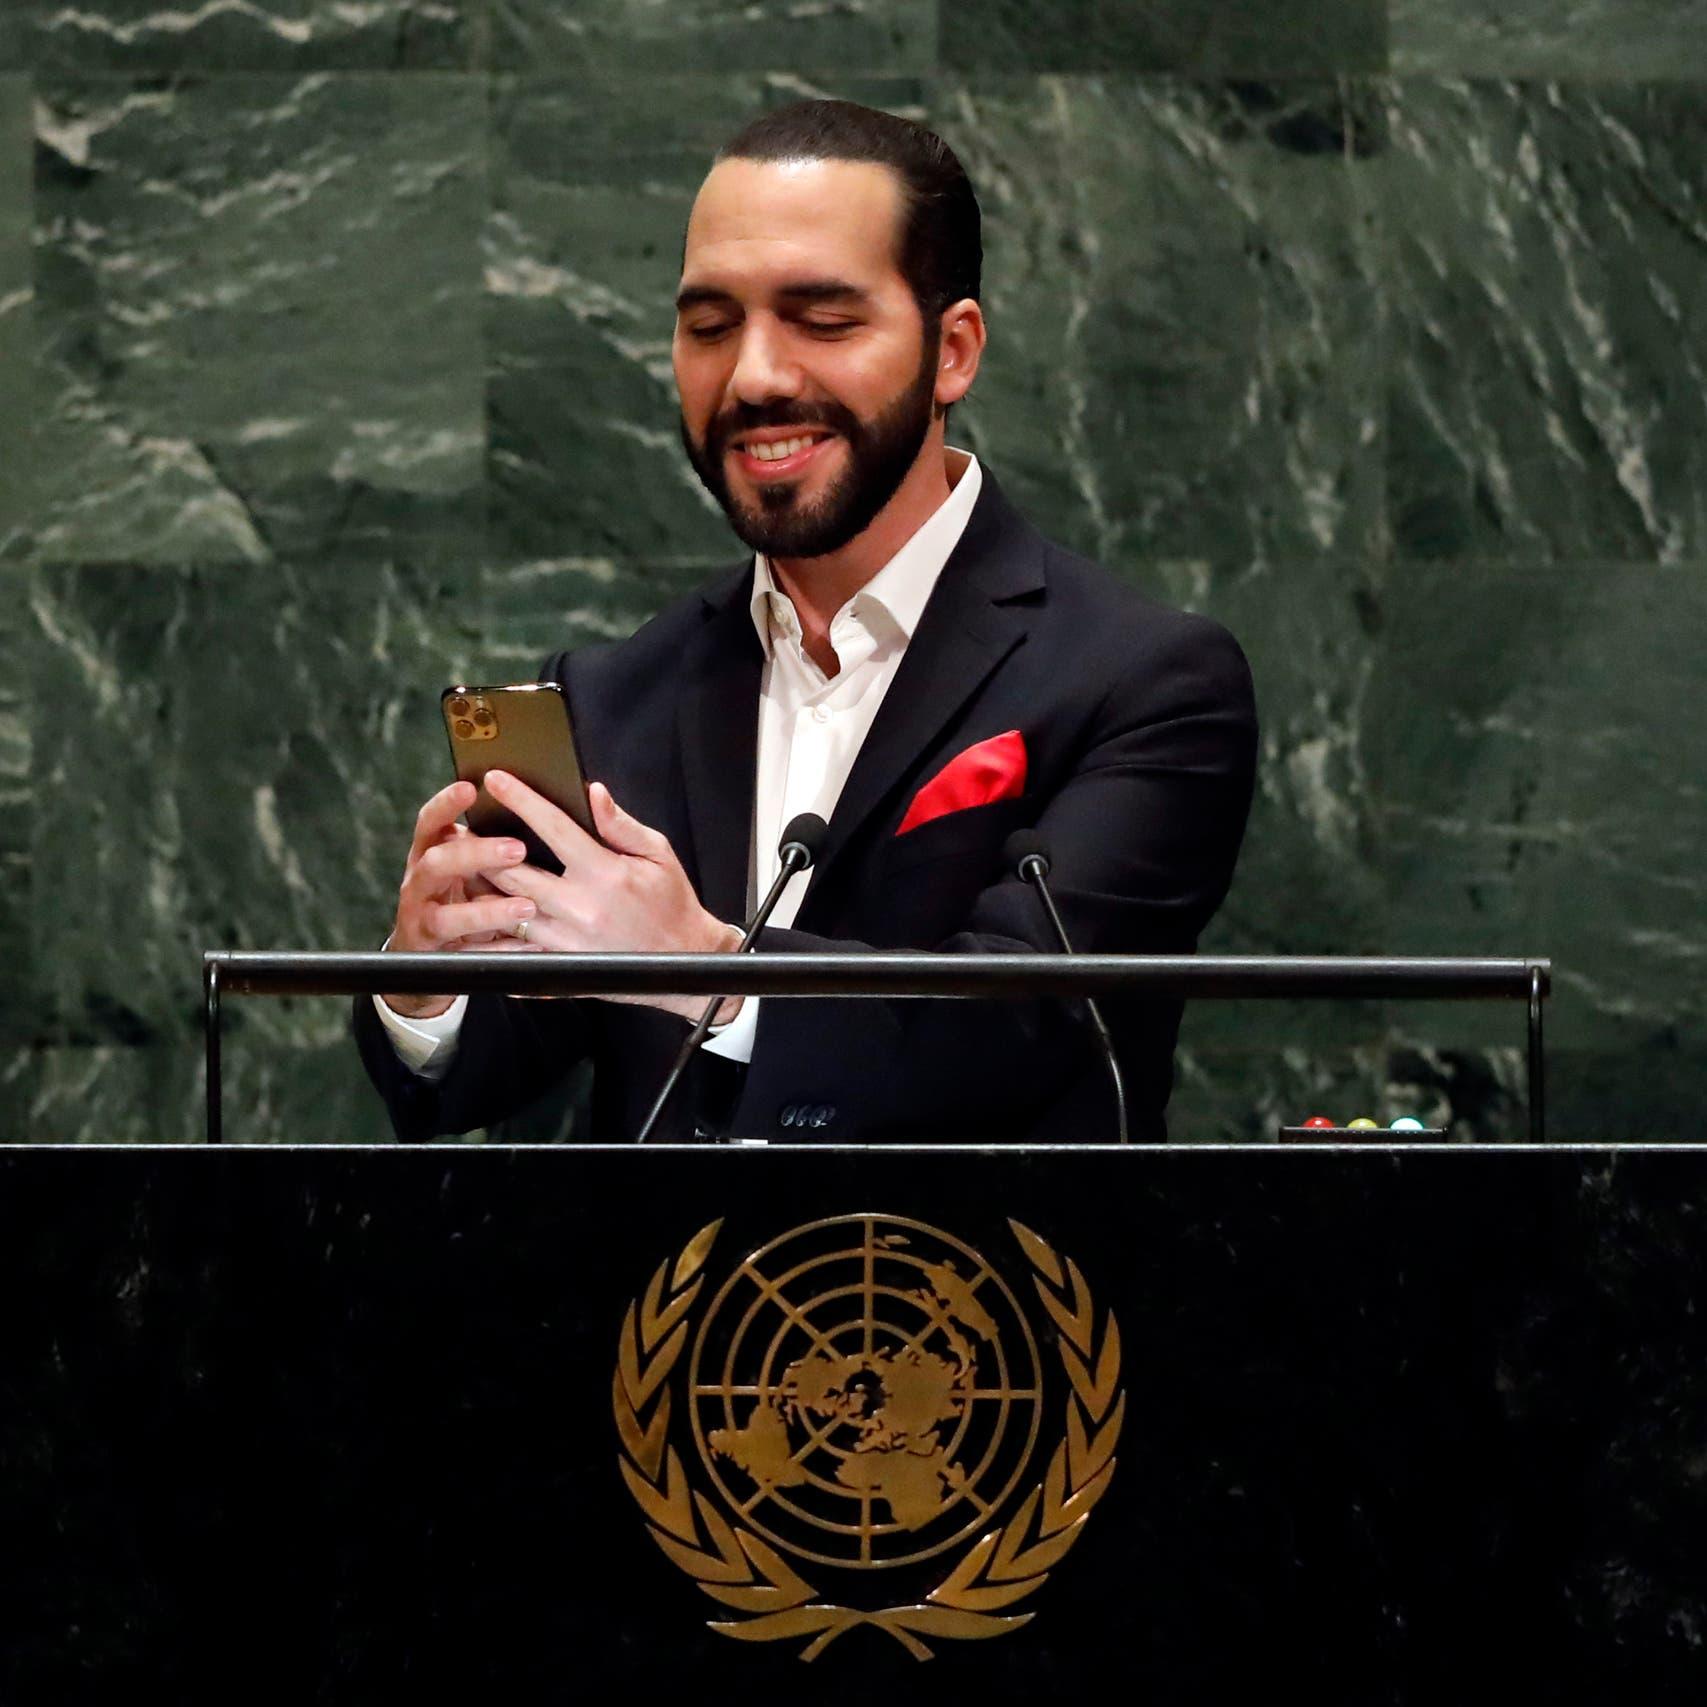 """رئيس السلفادور يلتقط """"سيلفي"""" لنفسه قبل إلقاء خطابه الأممي"""